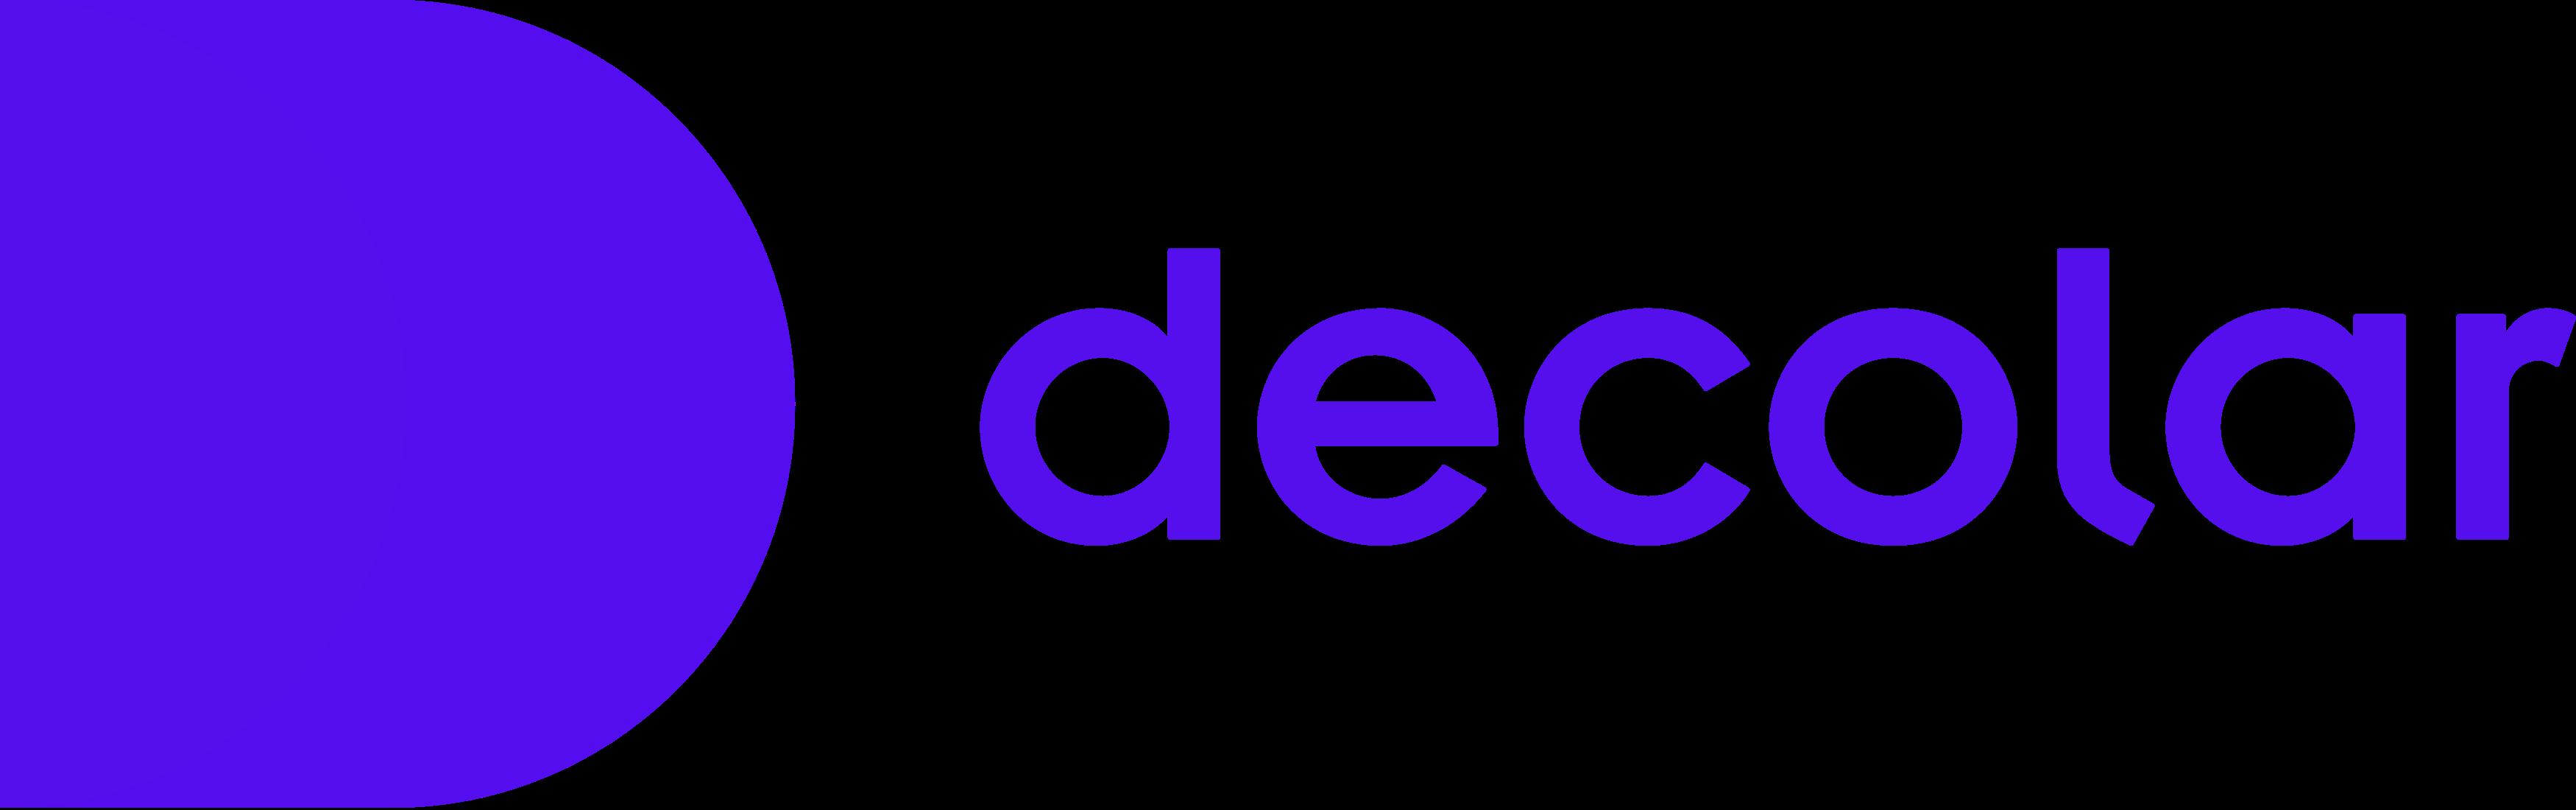 decolar logo - Decolar.com Logo